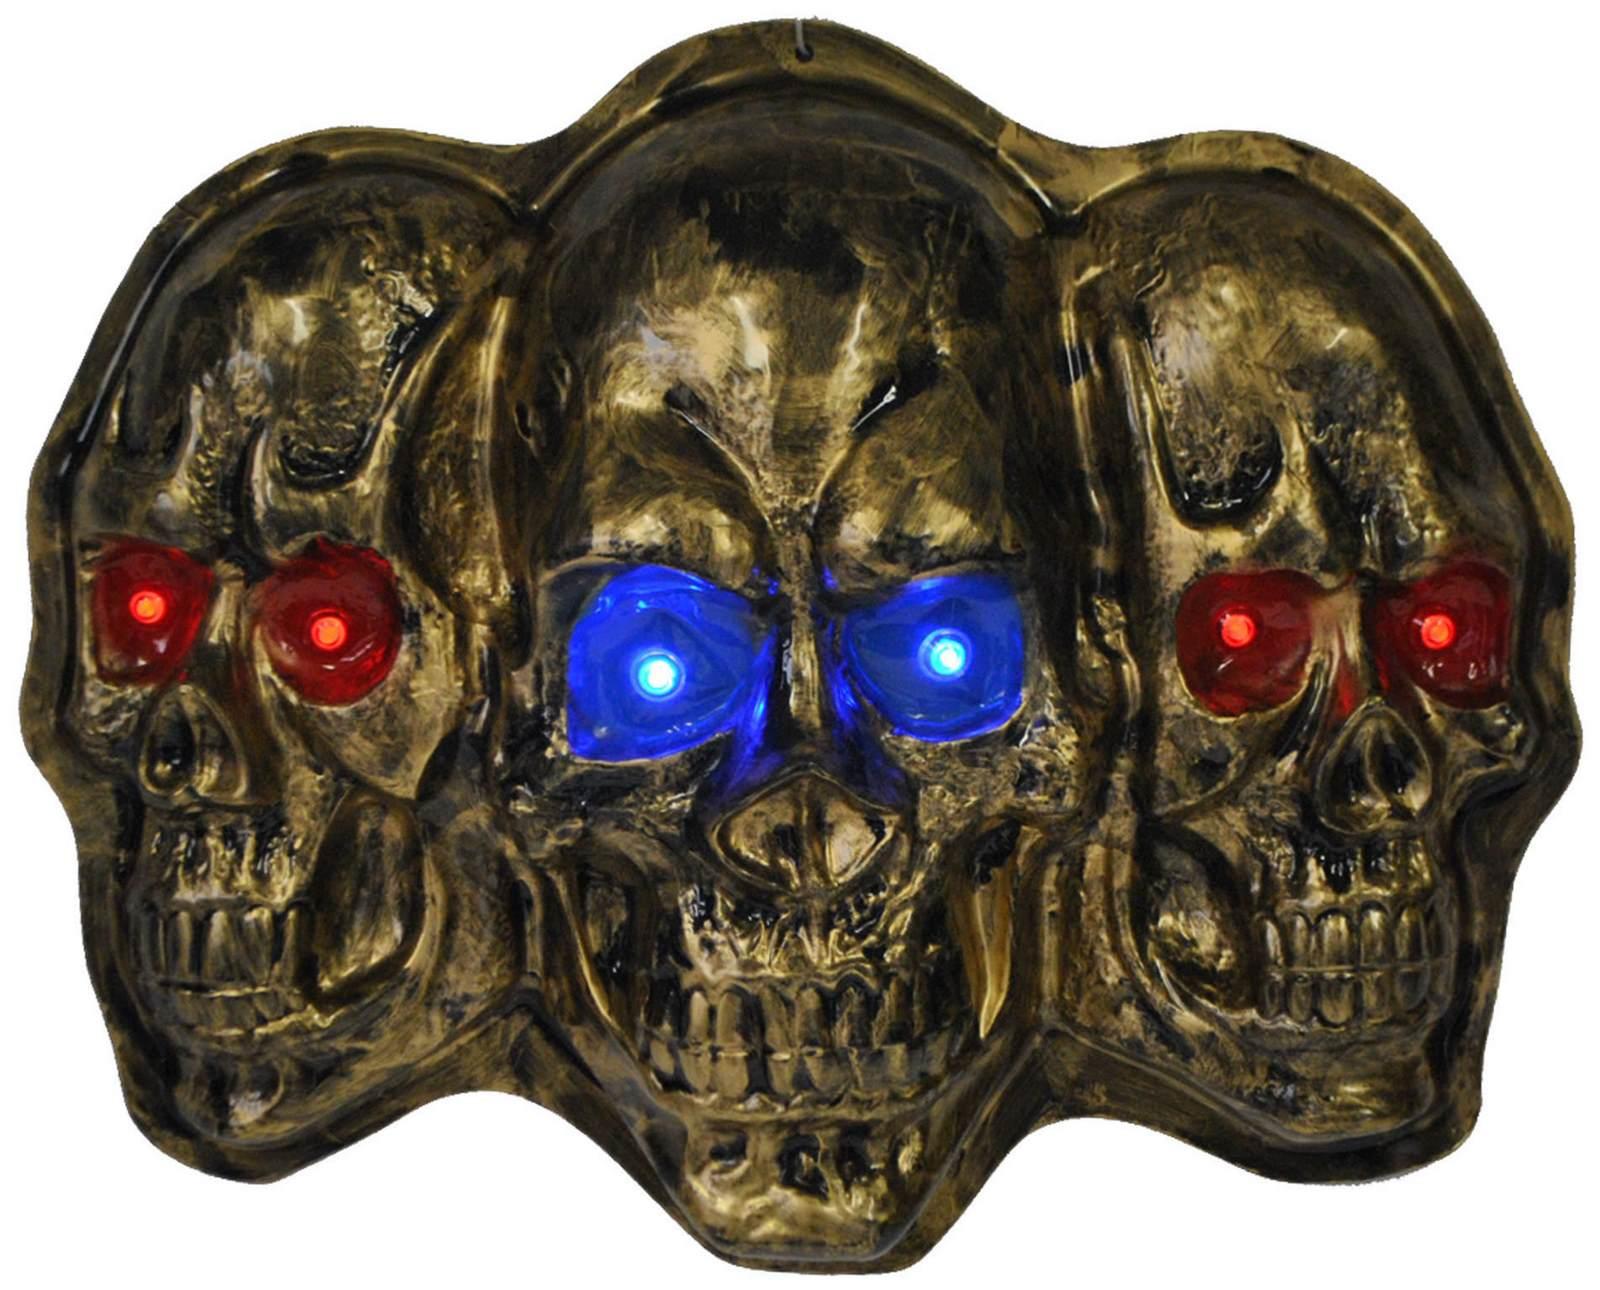 Totenkopf mit Kapuze und grünen LED Augen Toten Kopf Schädel Totenschädel 45 cm